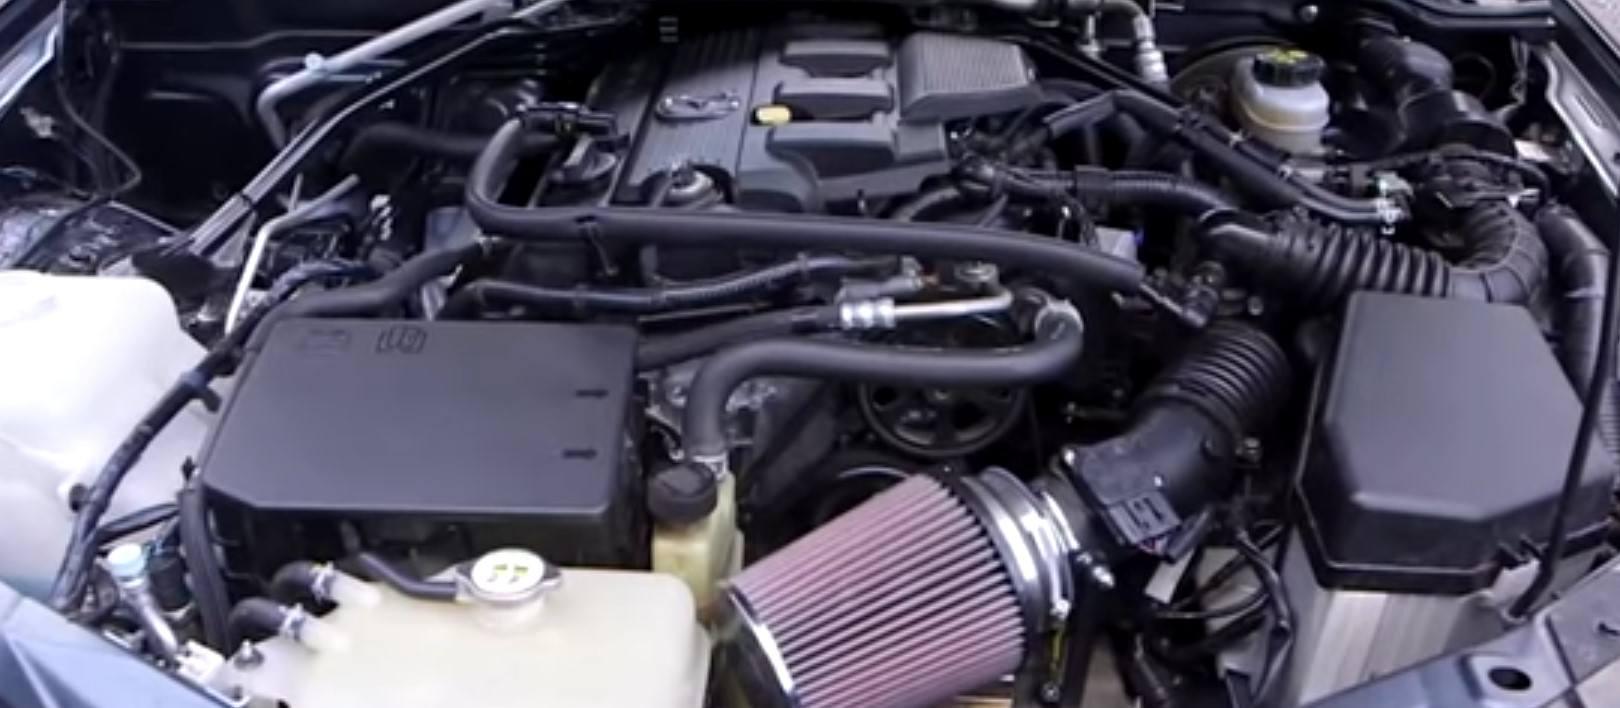 Amélioration des performances moteur